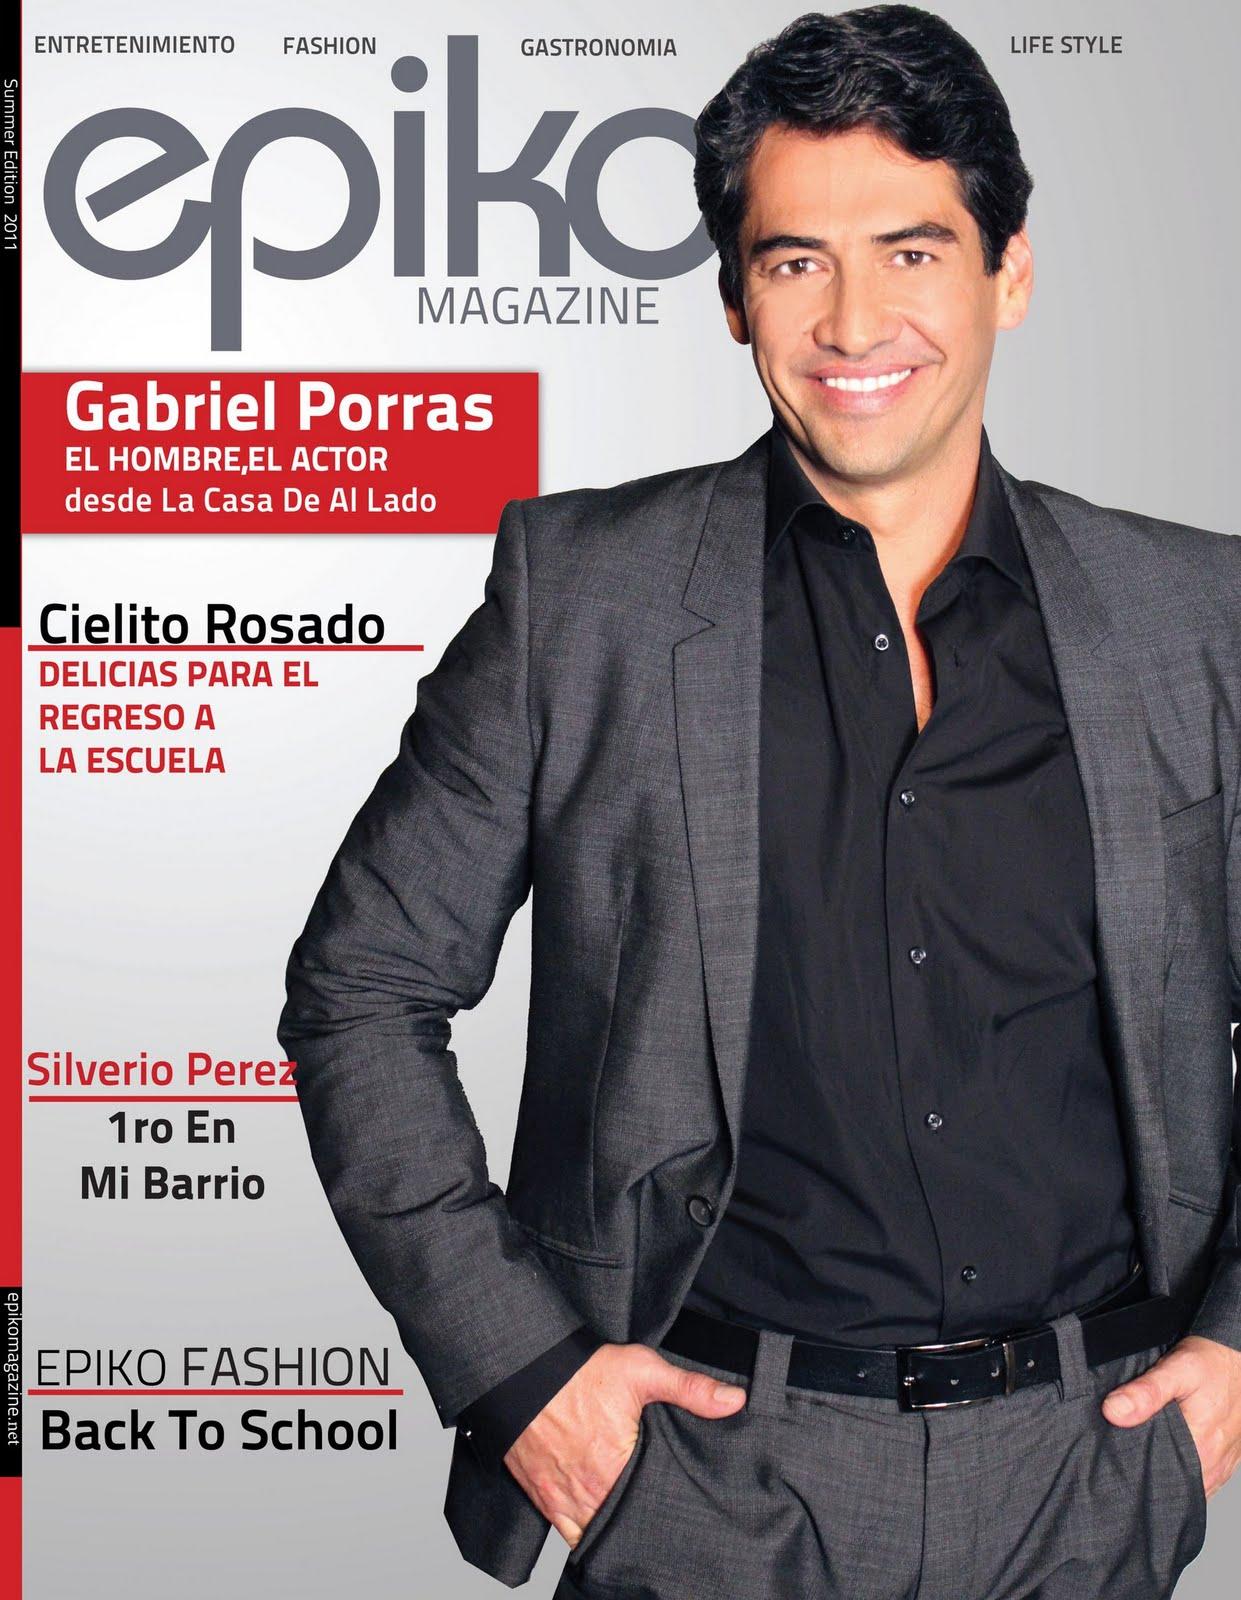 http://3.bp.blogspot.com/-BzqgxlNj4vU/Tk_F264PvaI/AAAAAAAACo0/mVNuul1Ickk/s1600/Gabriel+Porras.jpg